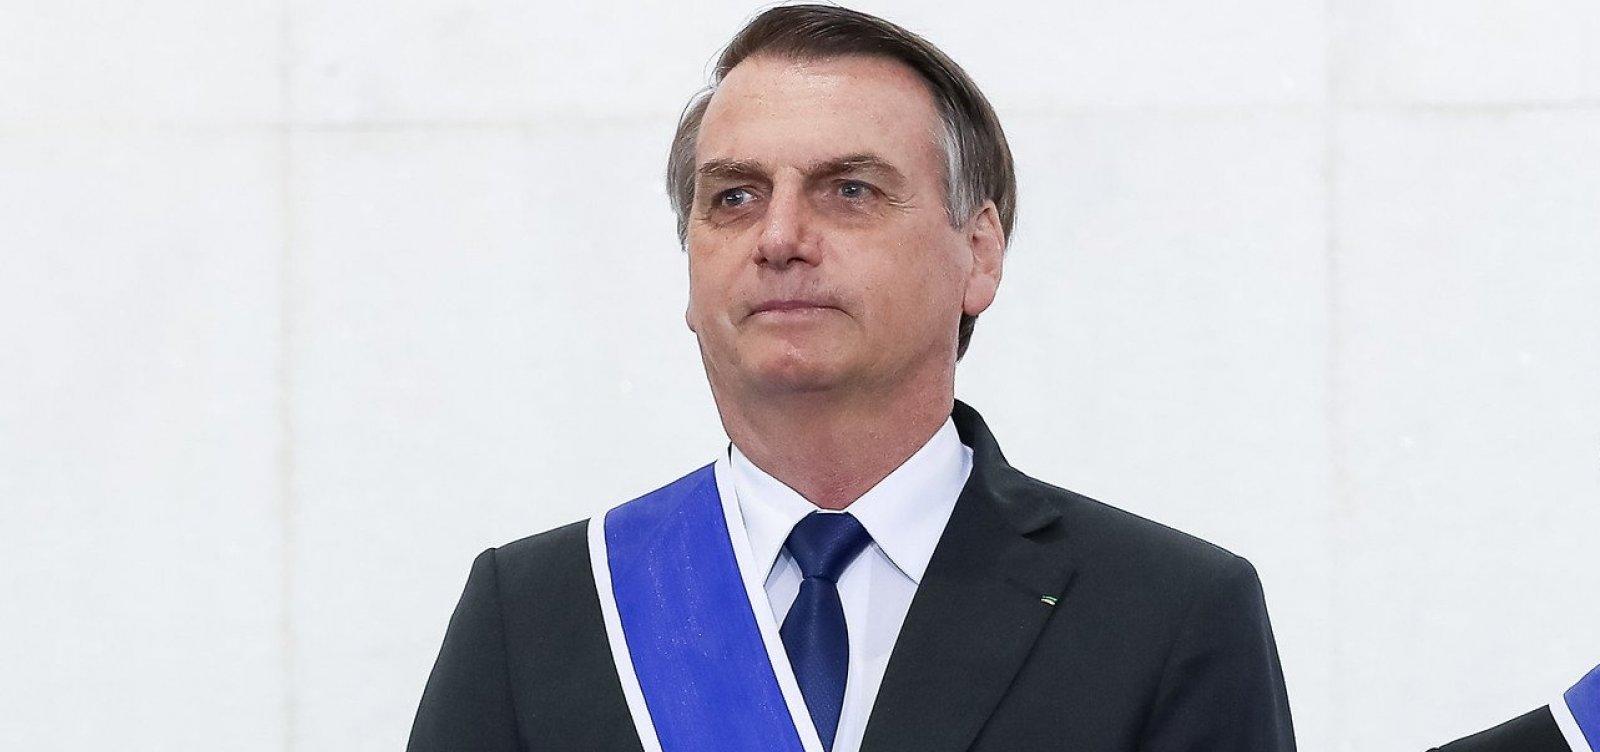 [Governo será mantido sem qualquer regulamentação da mídia, afirma Bolsonaro]